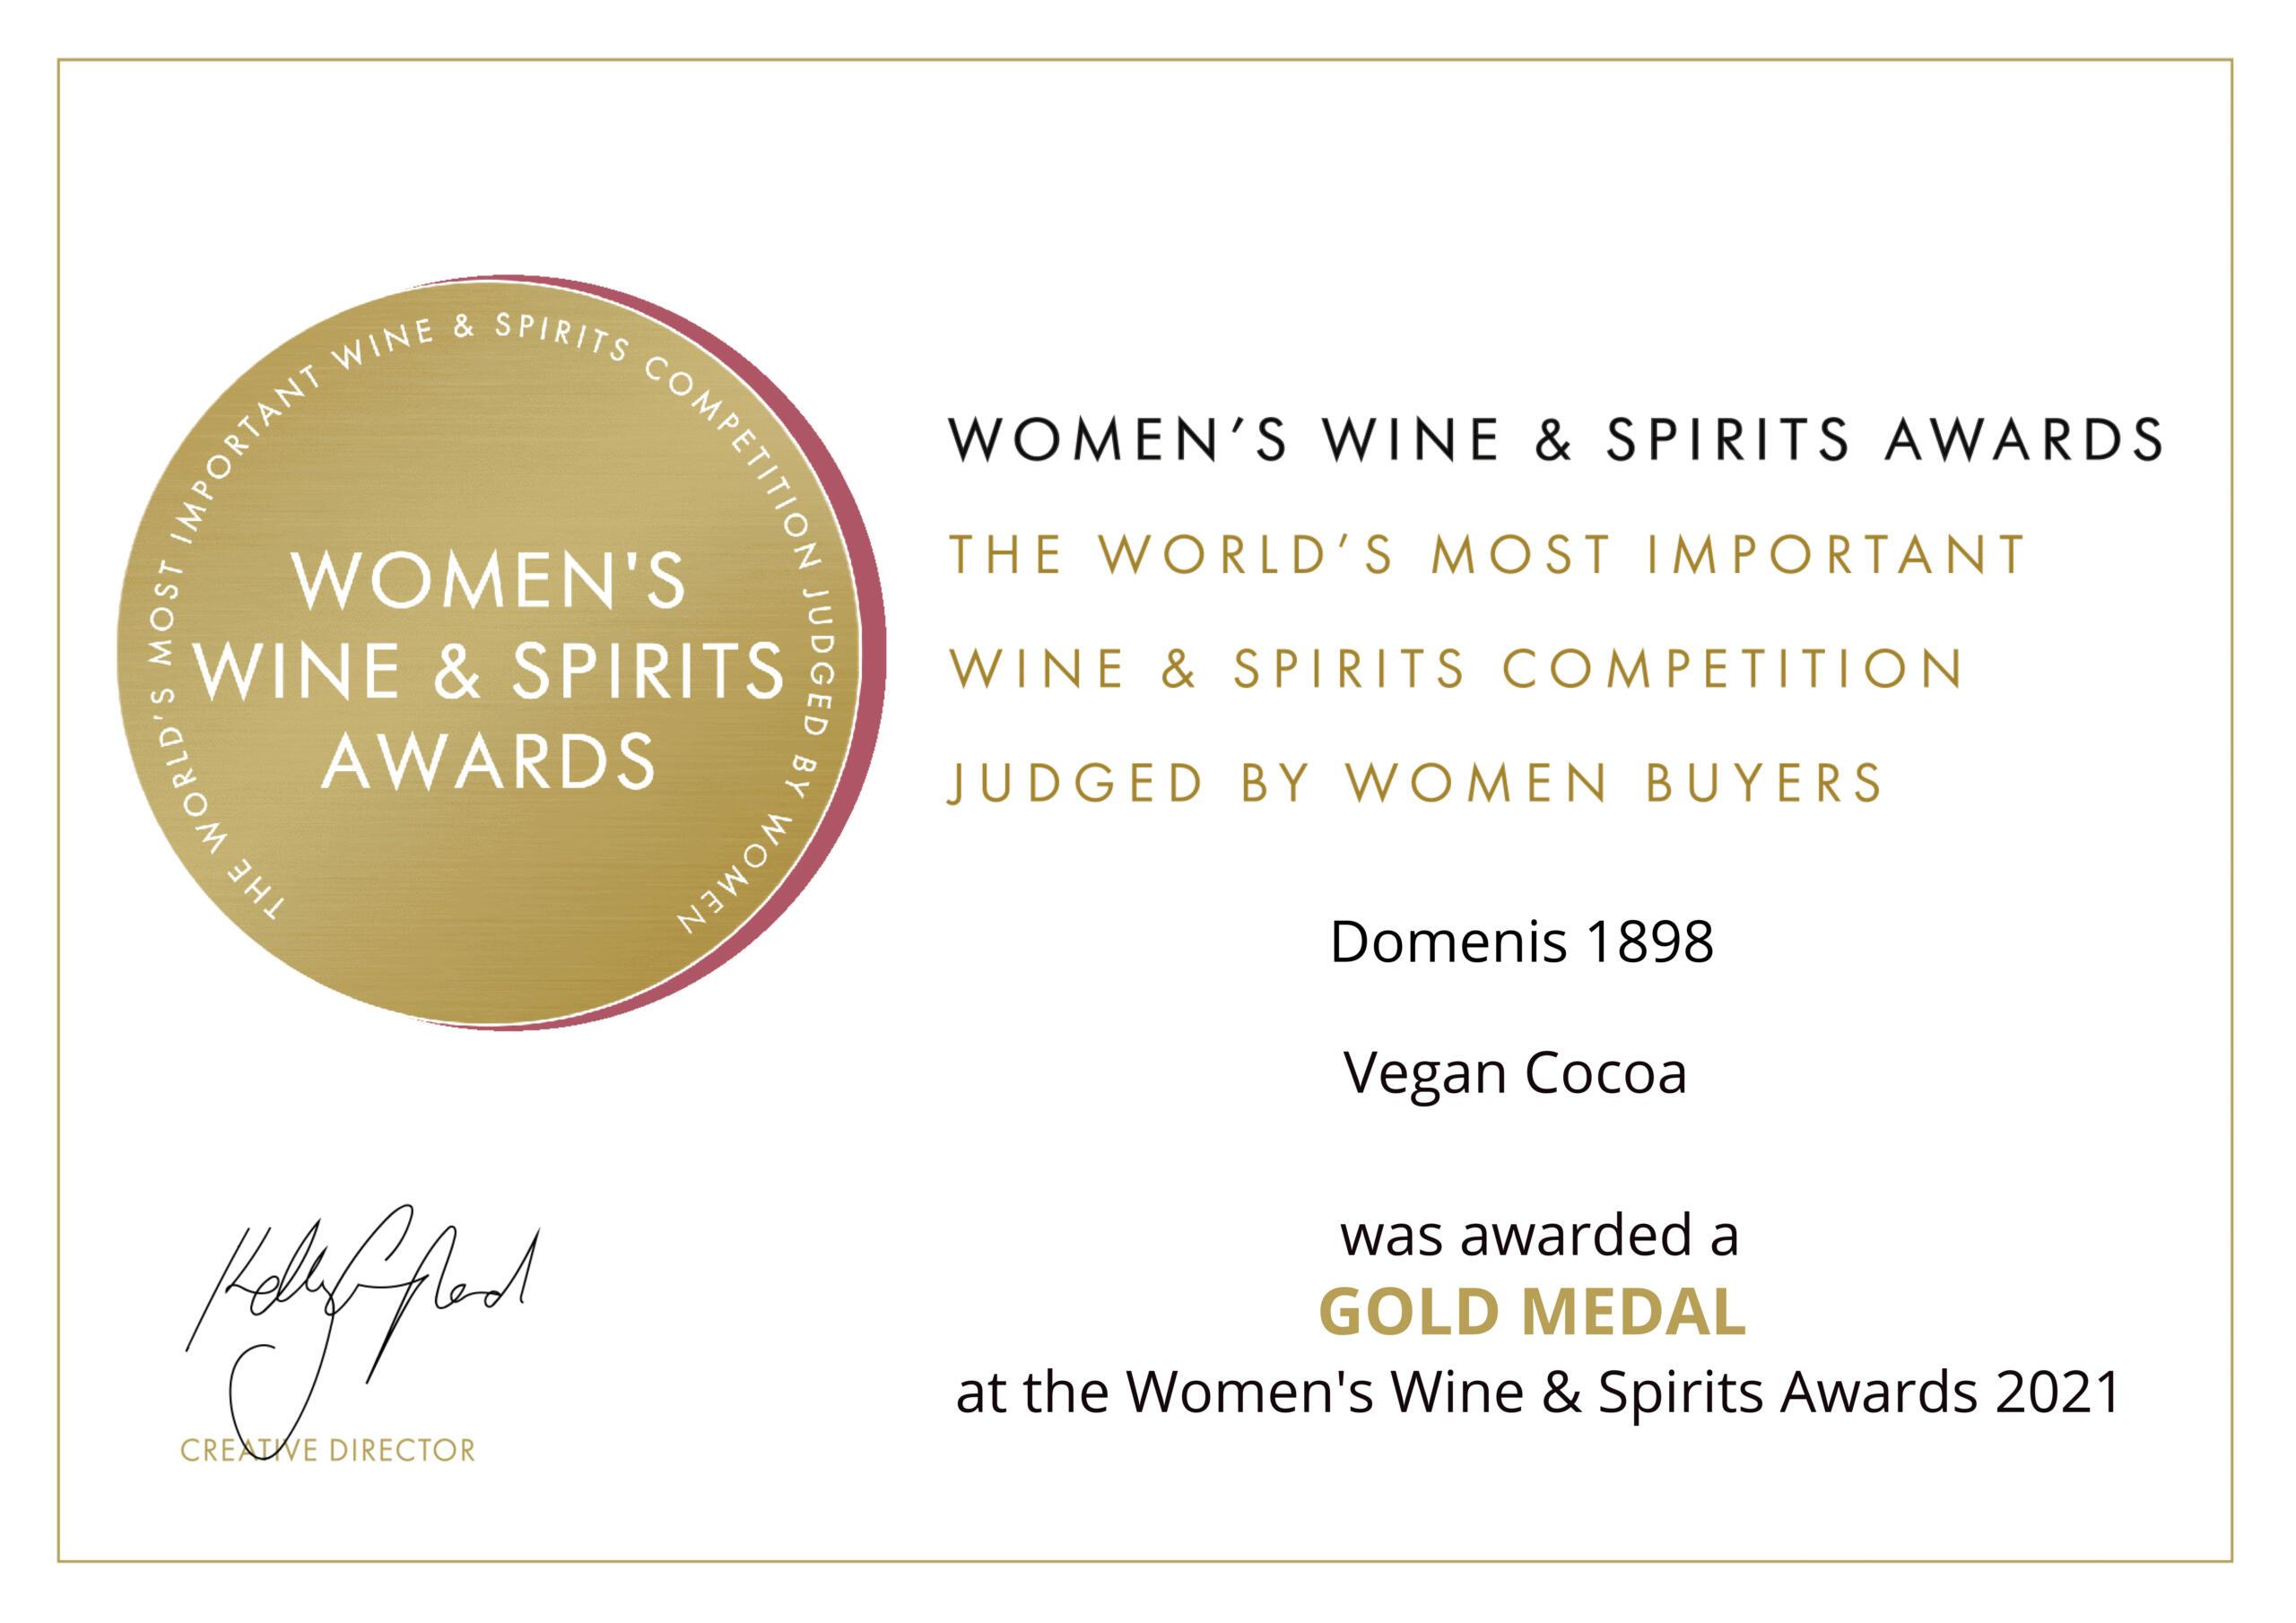 Women's Wine & Spirit Awards 2021 – Gold Medal – Vegan Cocoa